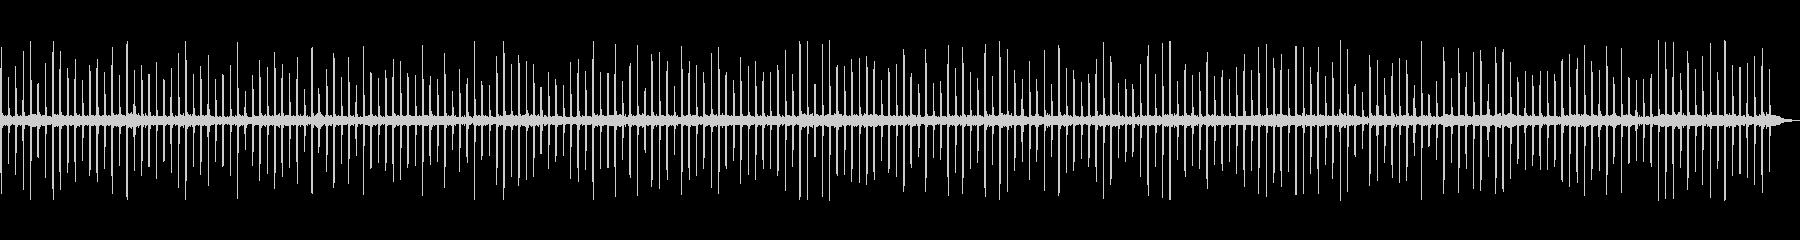 カチカチ、チクチク、チクタクの未再生の波形